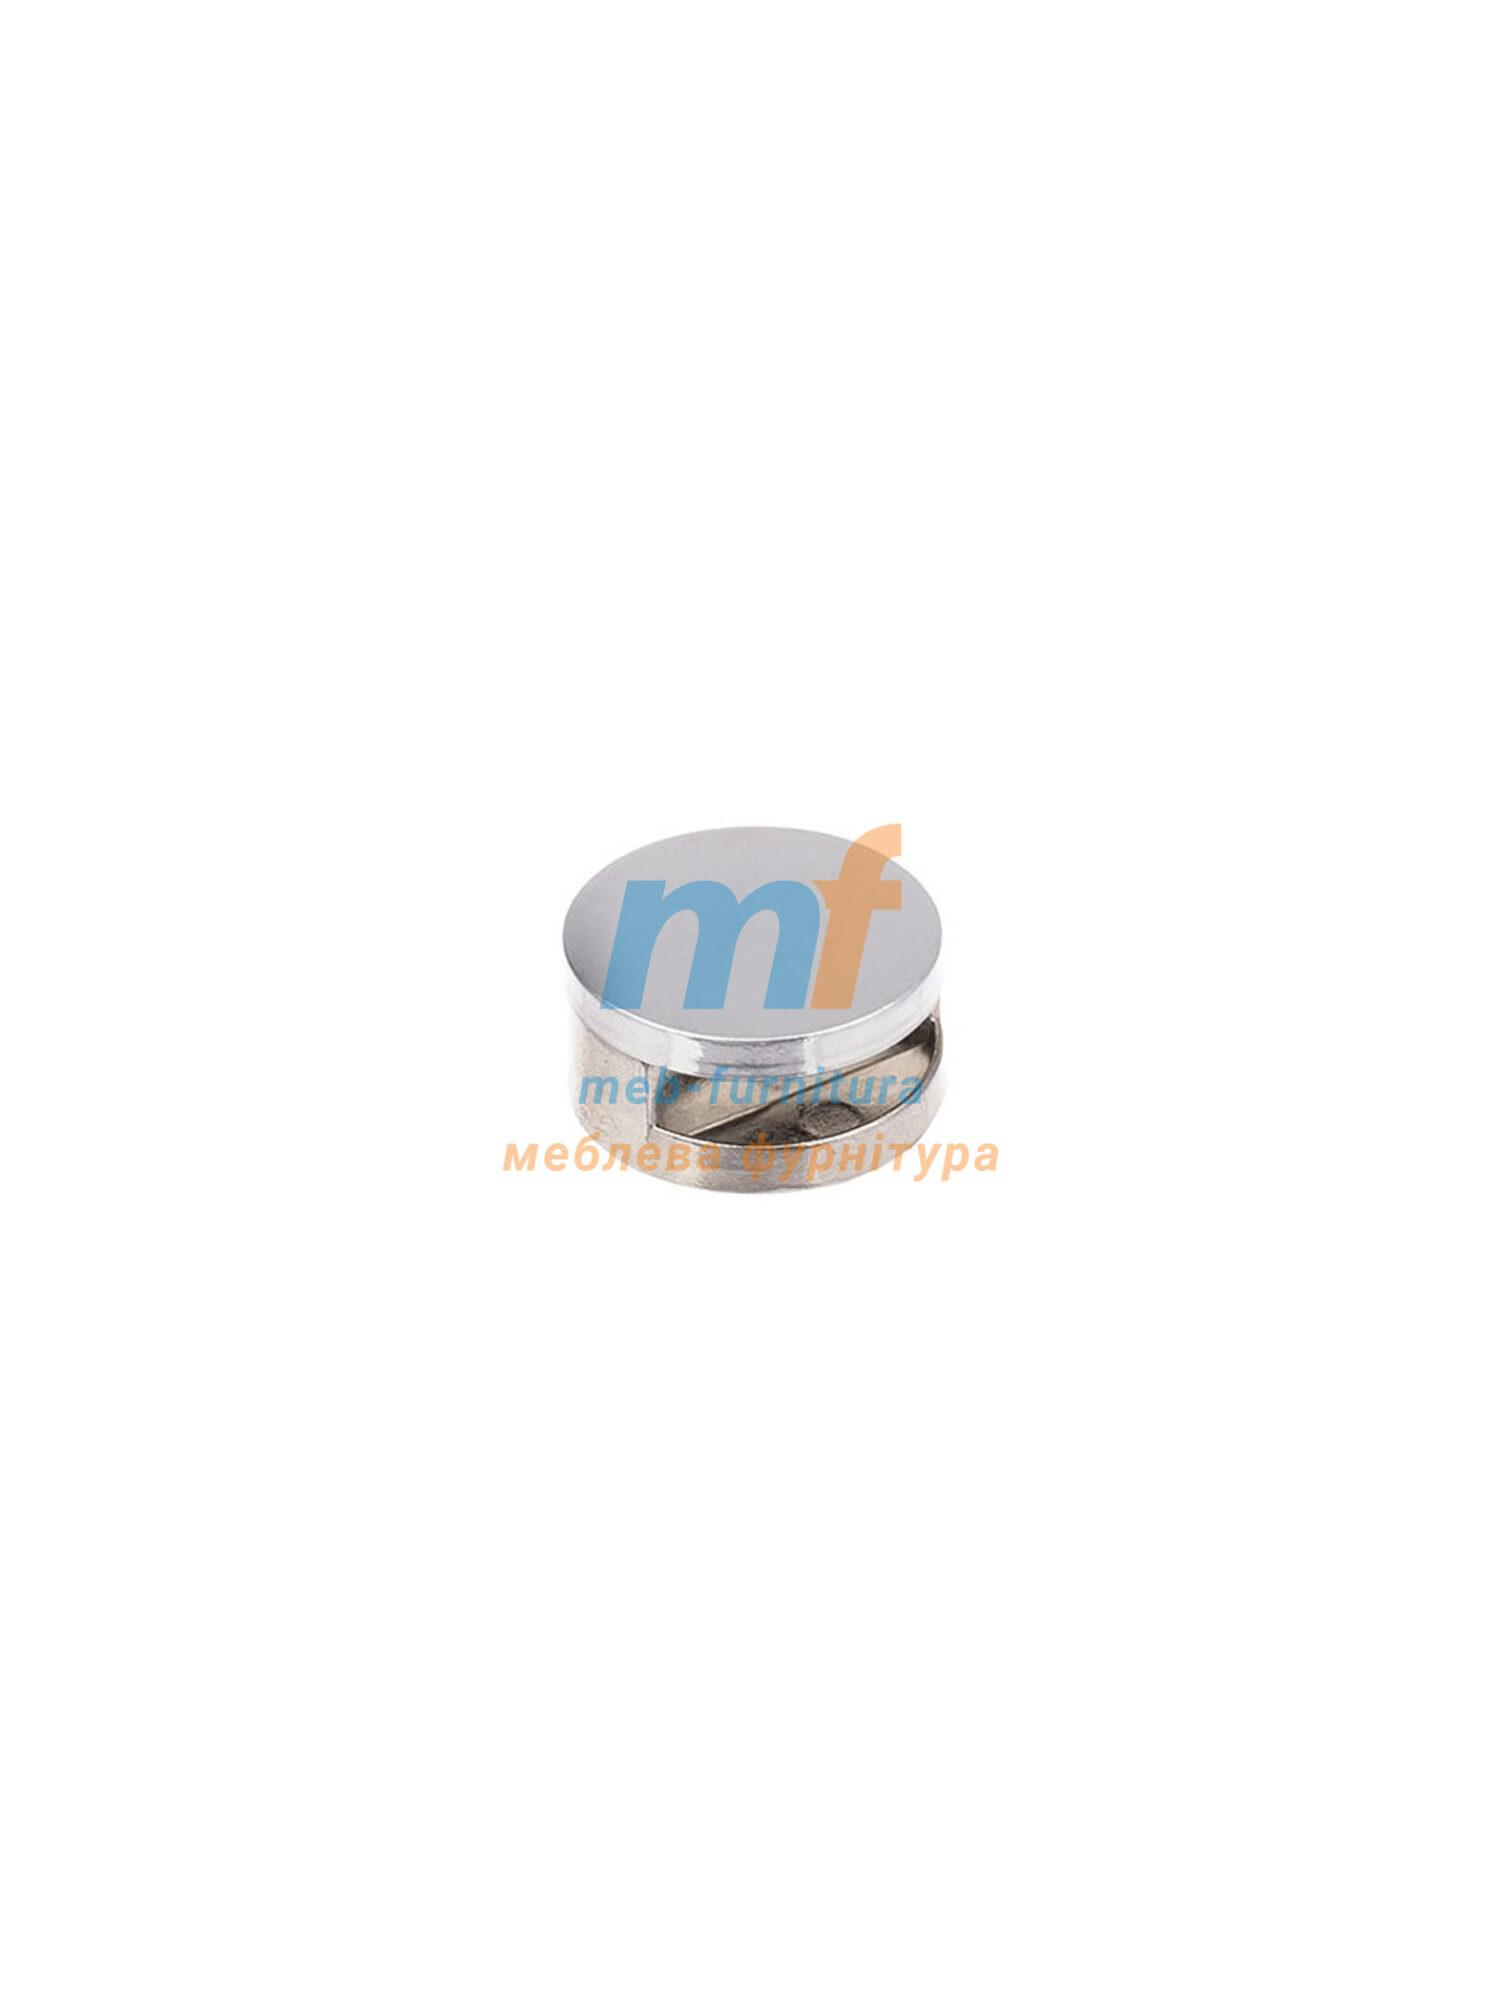 Зеркалодержатель металлический с шайбой (1шт)